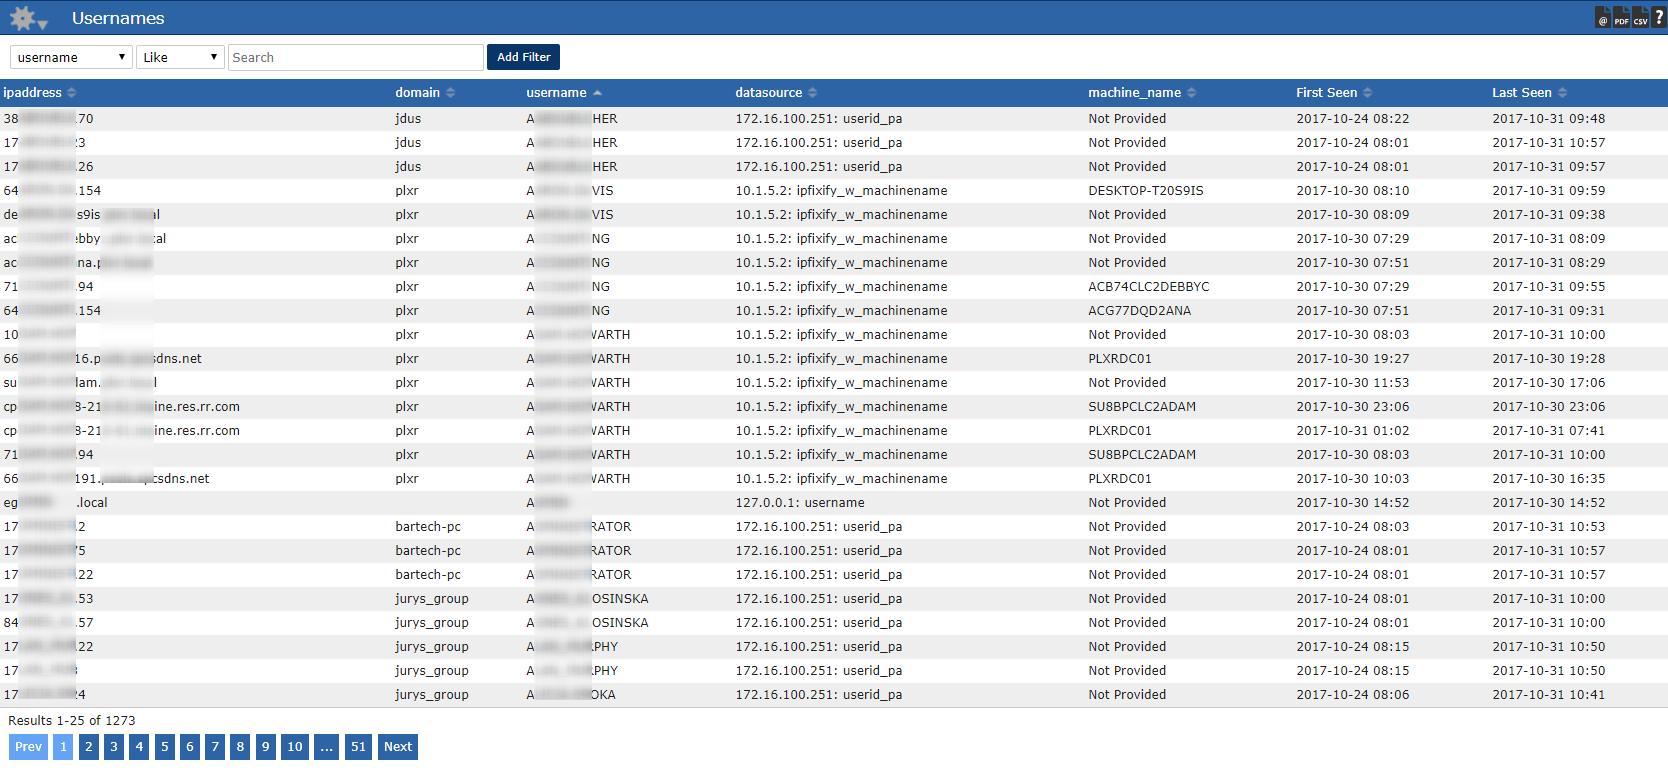 Correlating NetFlow with RADIUS Usernames